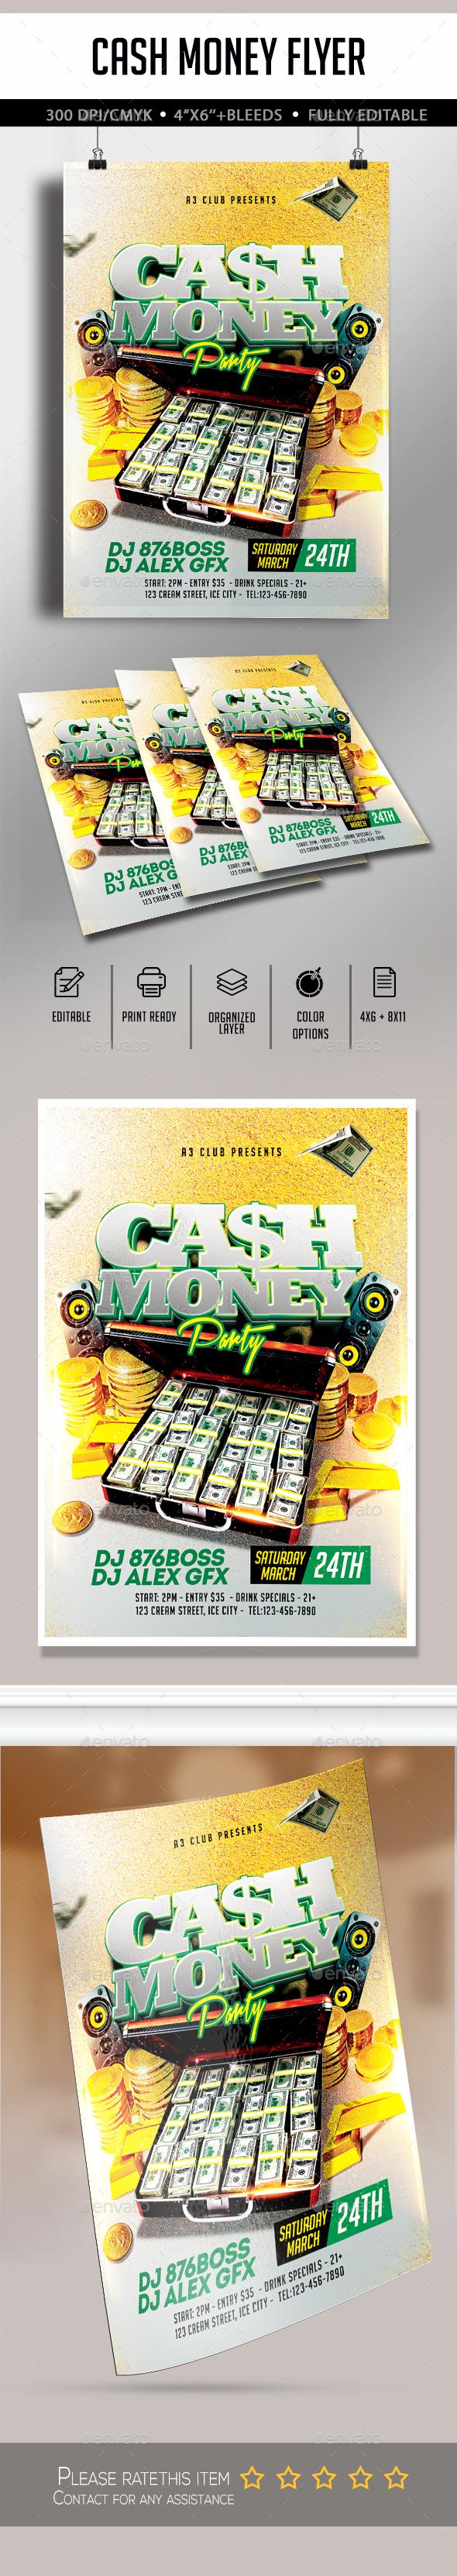 Cash Money Flyer - Flyers Print Templates